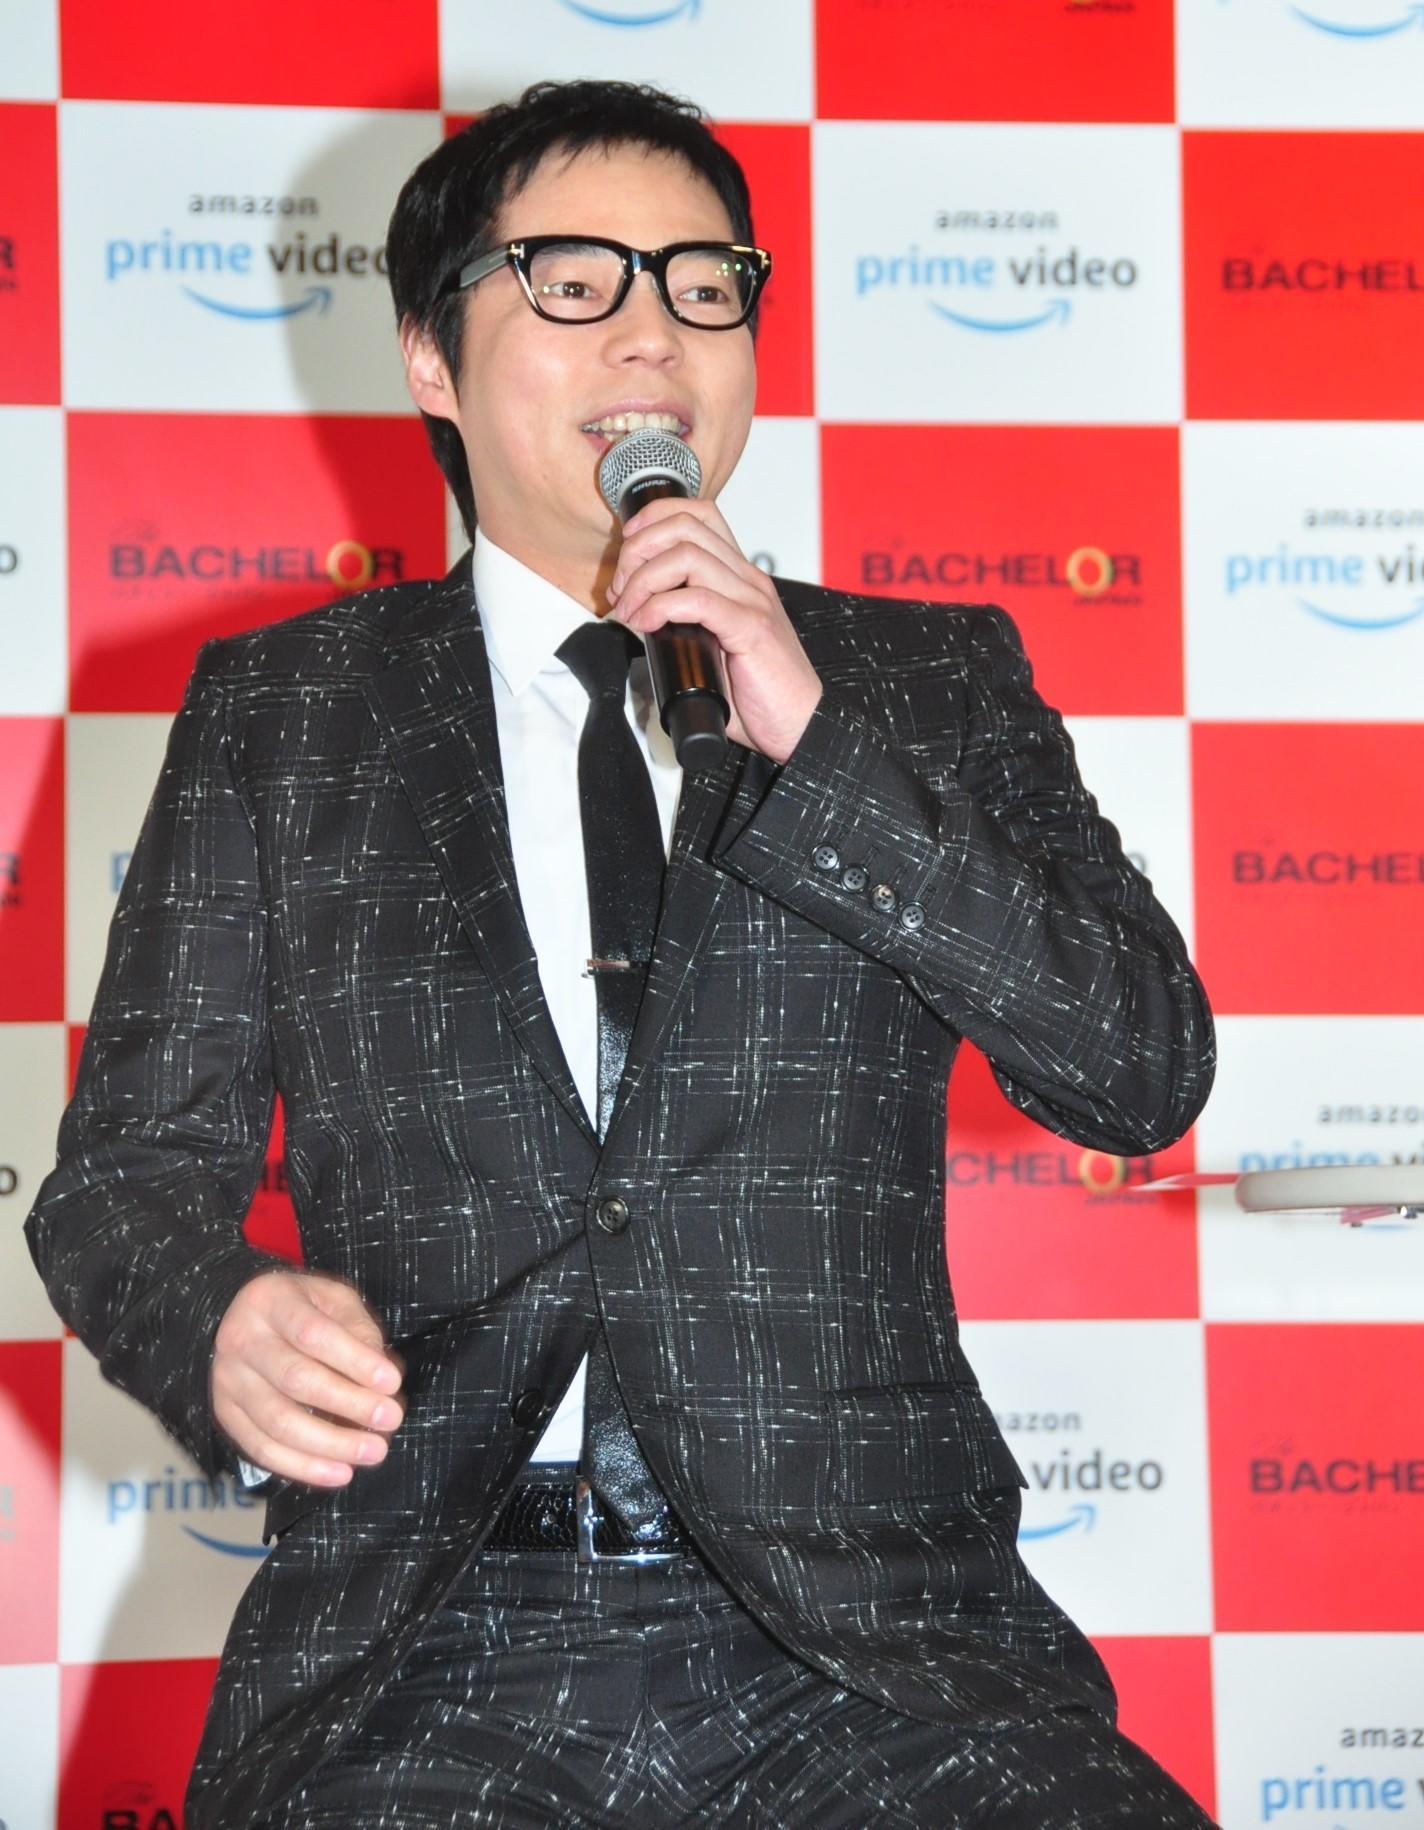 http://news.yoshimoto.co.jp/20180525084259-a75426cd3b5131d3443c1e065e63508c903fc77a.jpg